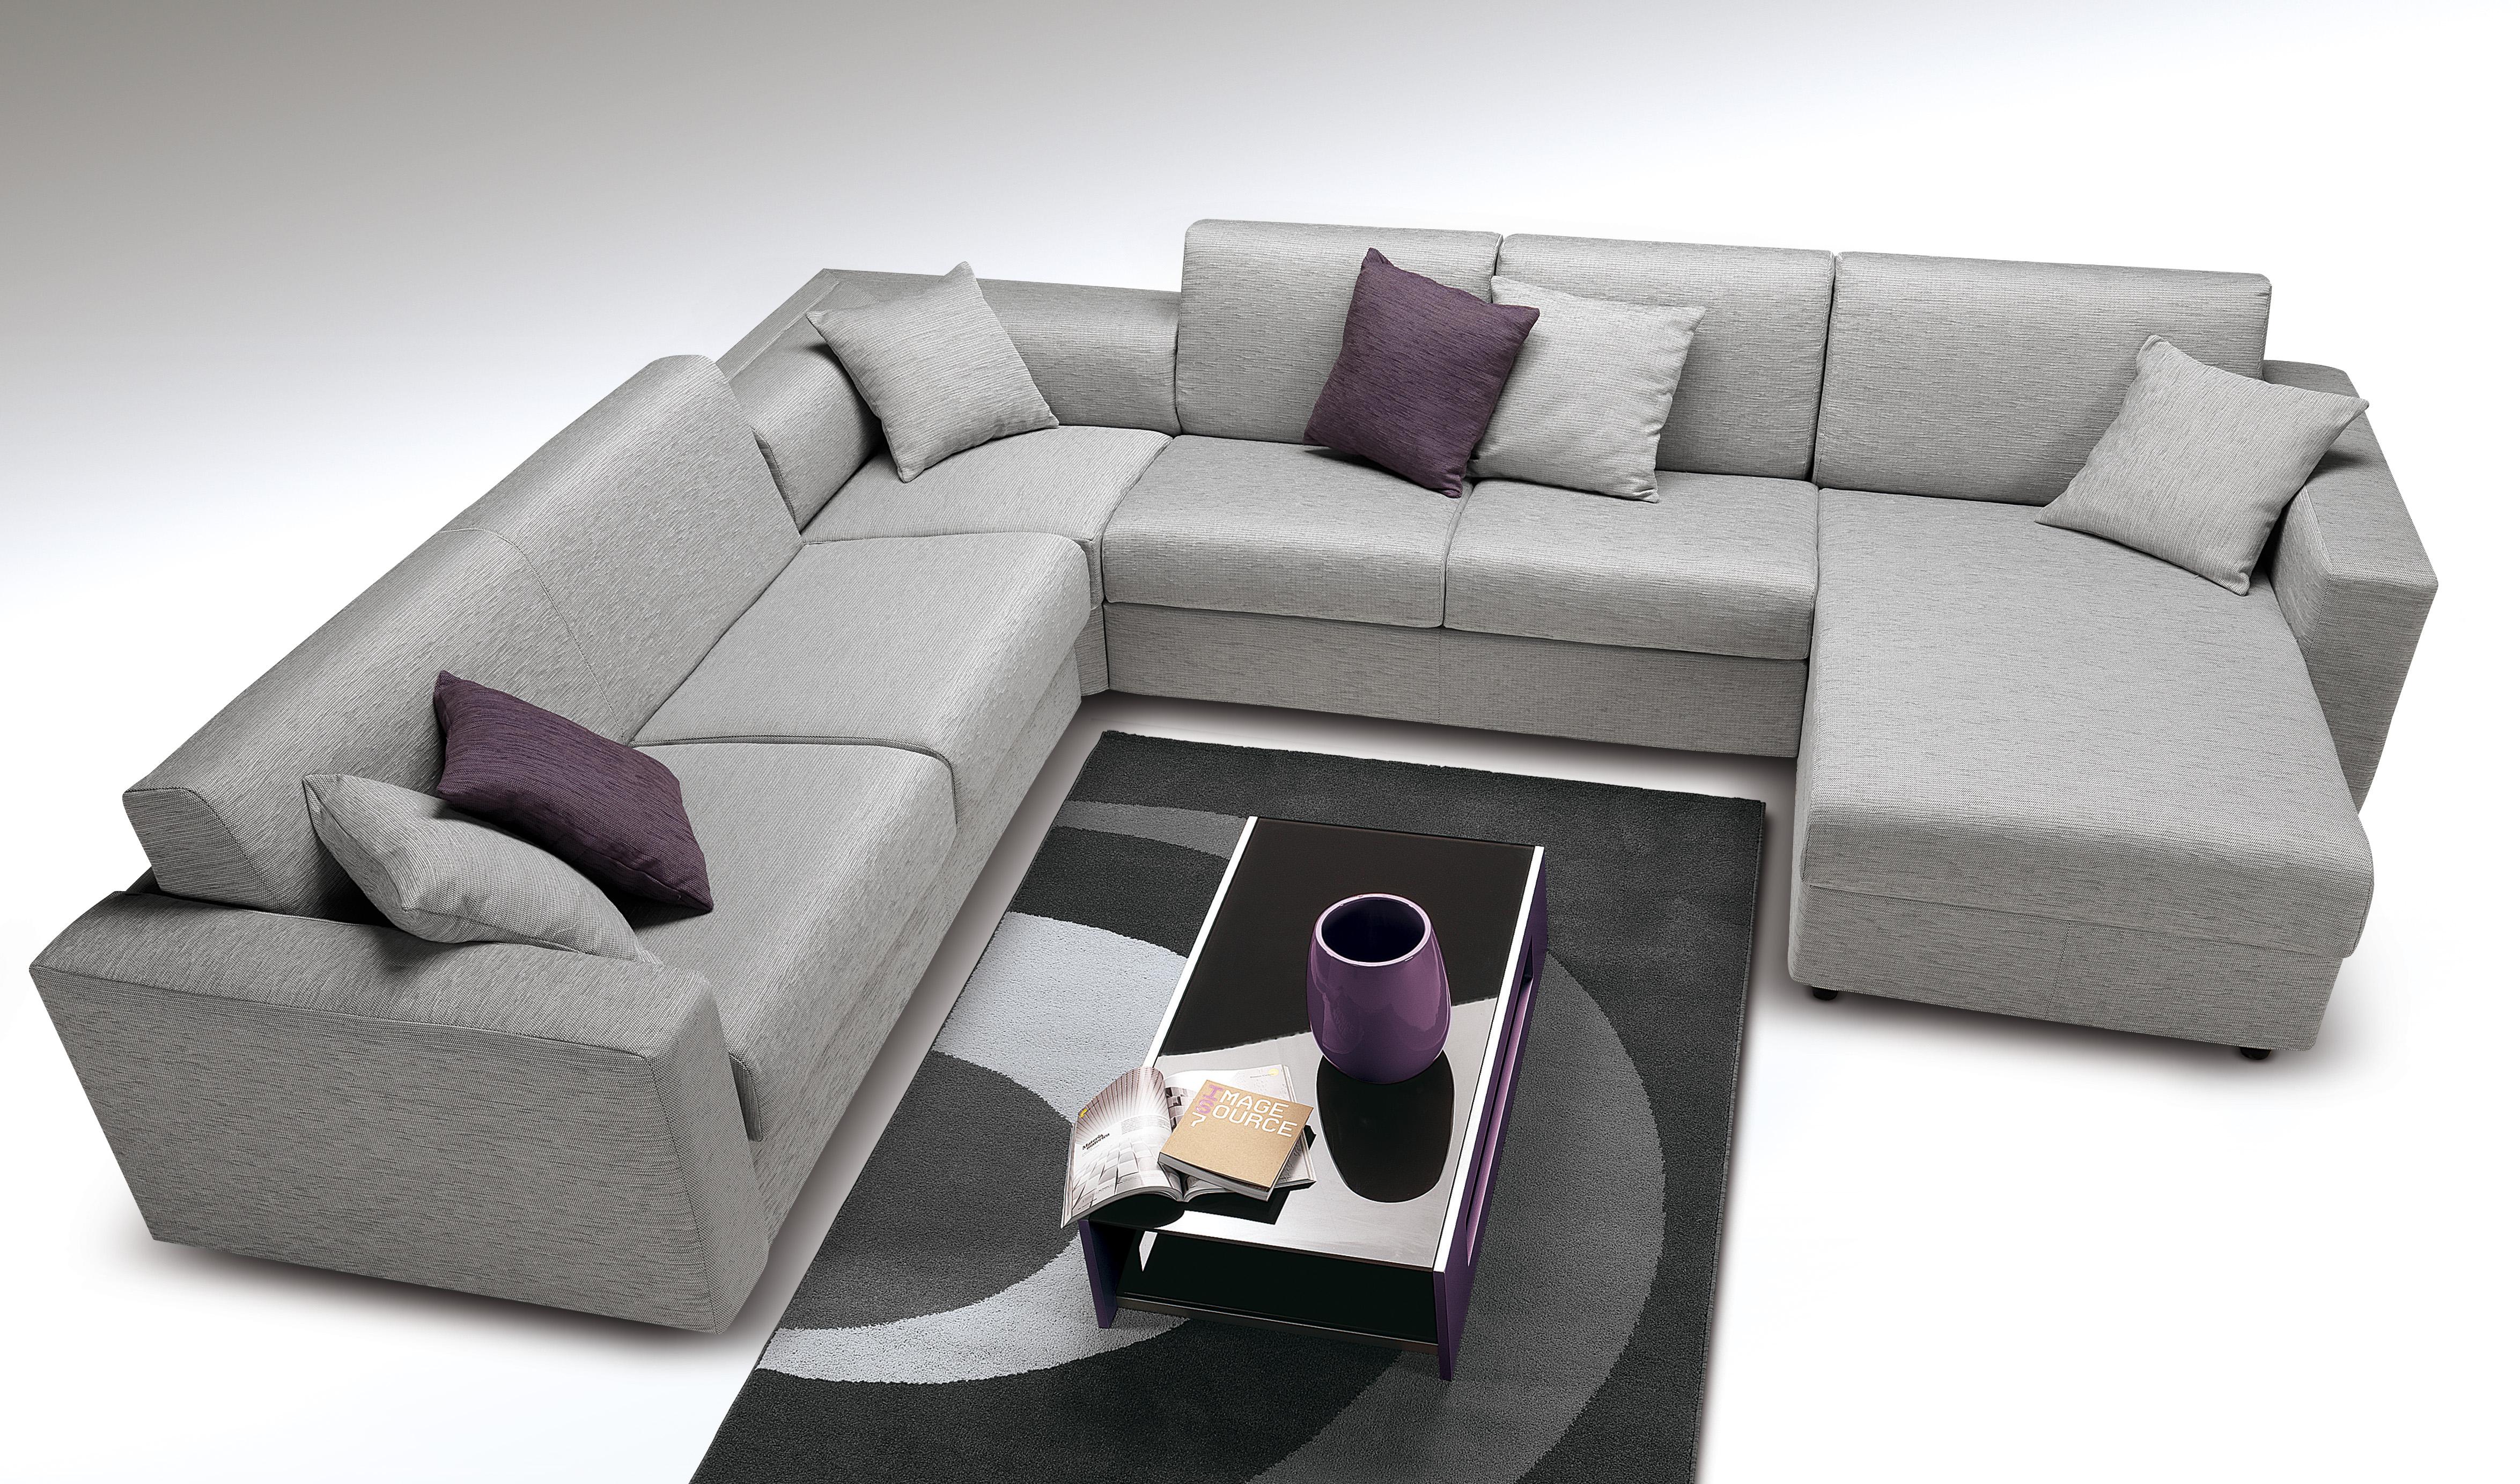 canap convertible 3 places ikea meilleur de galerie 20 haut canap lit couchage quoti n concept. Black Bedroom Furniture Sets. Home Design Ideas